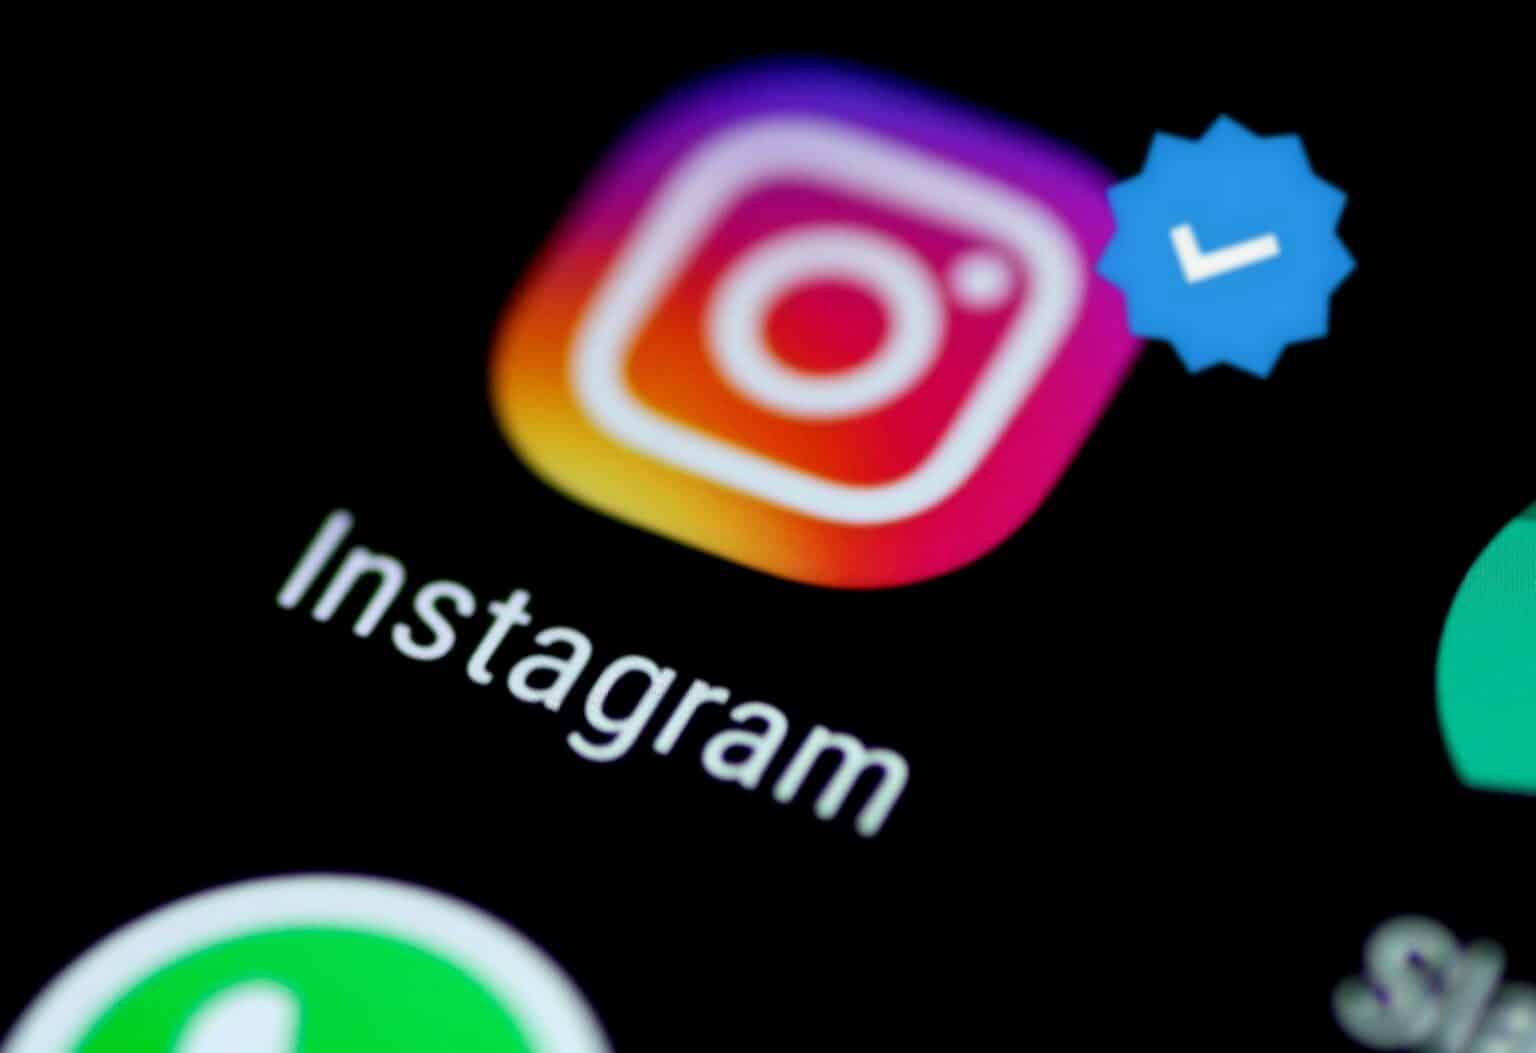 Manfaat-Memperoleh-Centang-Biru-di-Instagram